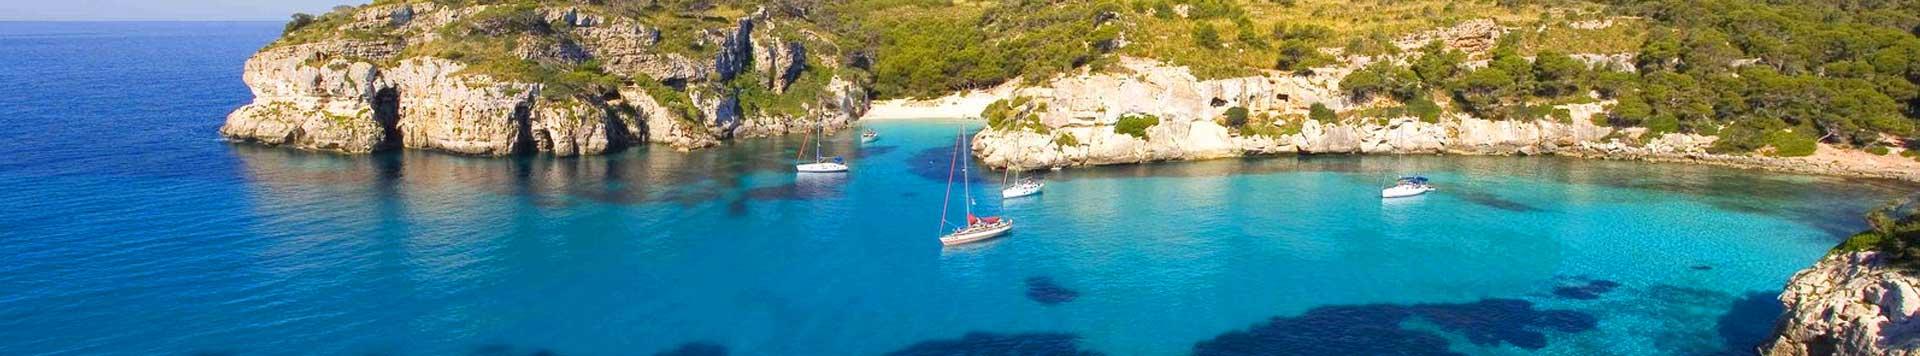 vacanza in barca a vela isole baleari, maiorca minorca, ibiza, formentera